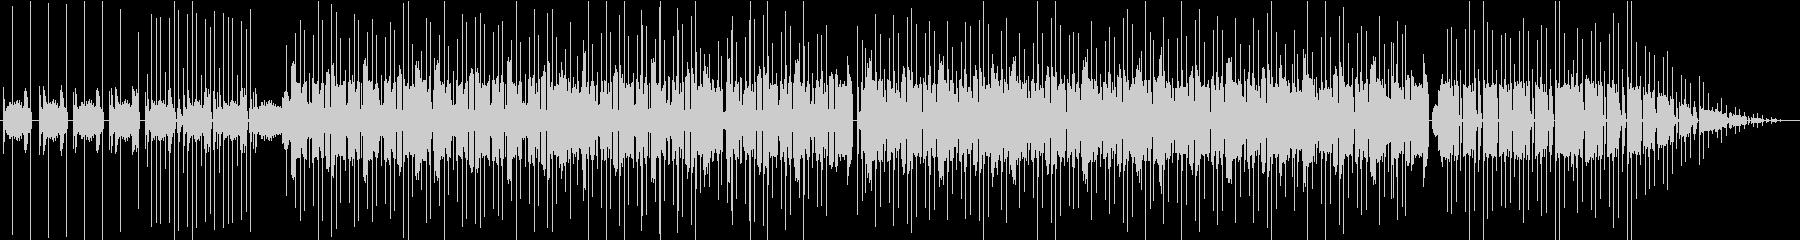 90s的なHIPHOP、ブレイクビーツの未再生の波形